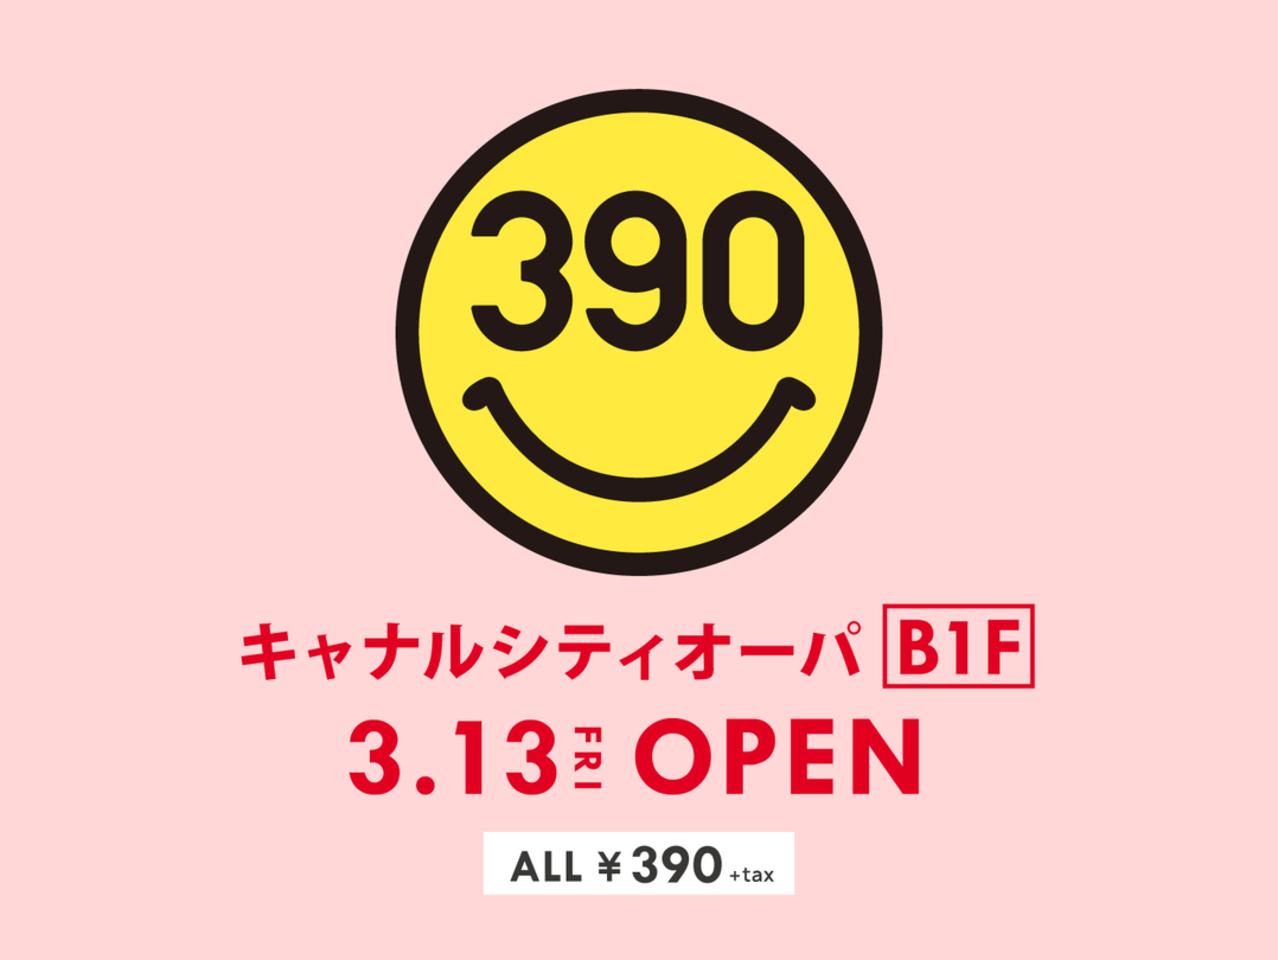 40132サンキューマートキャナルシティオーパ店